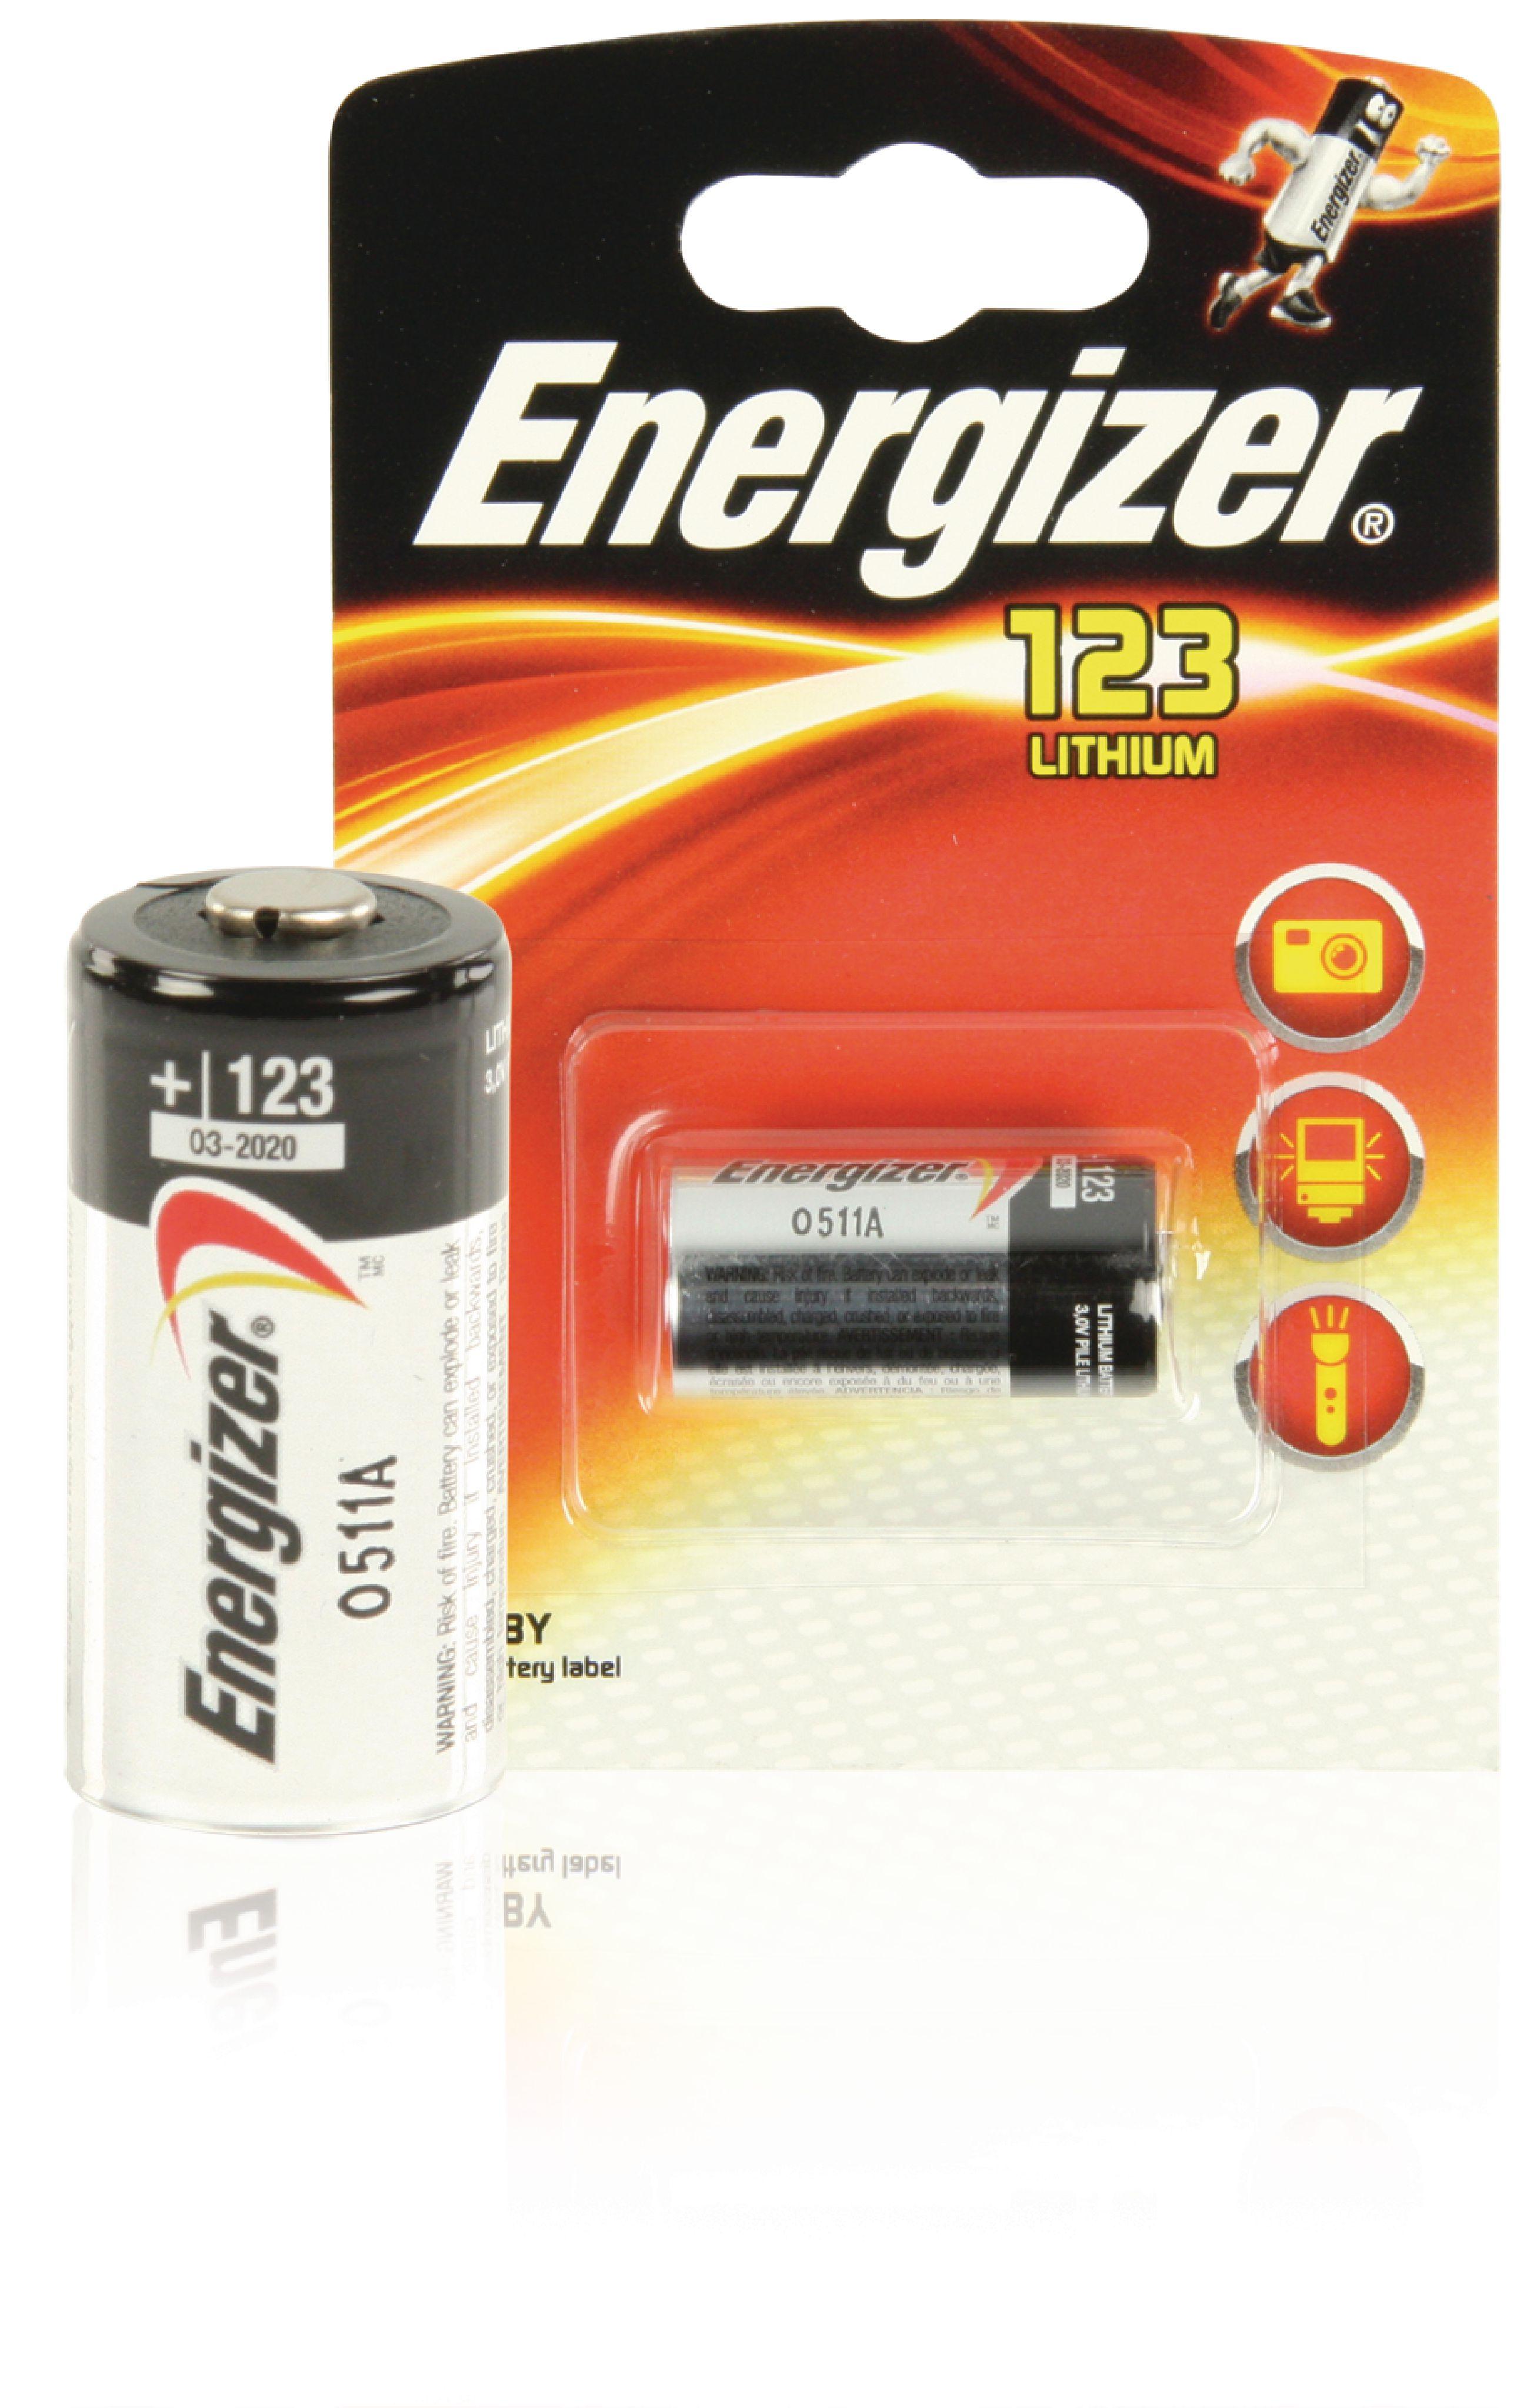 Energizer 9v battery coupon